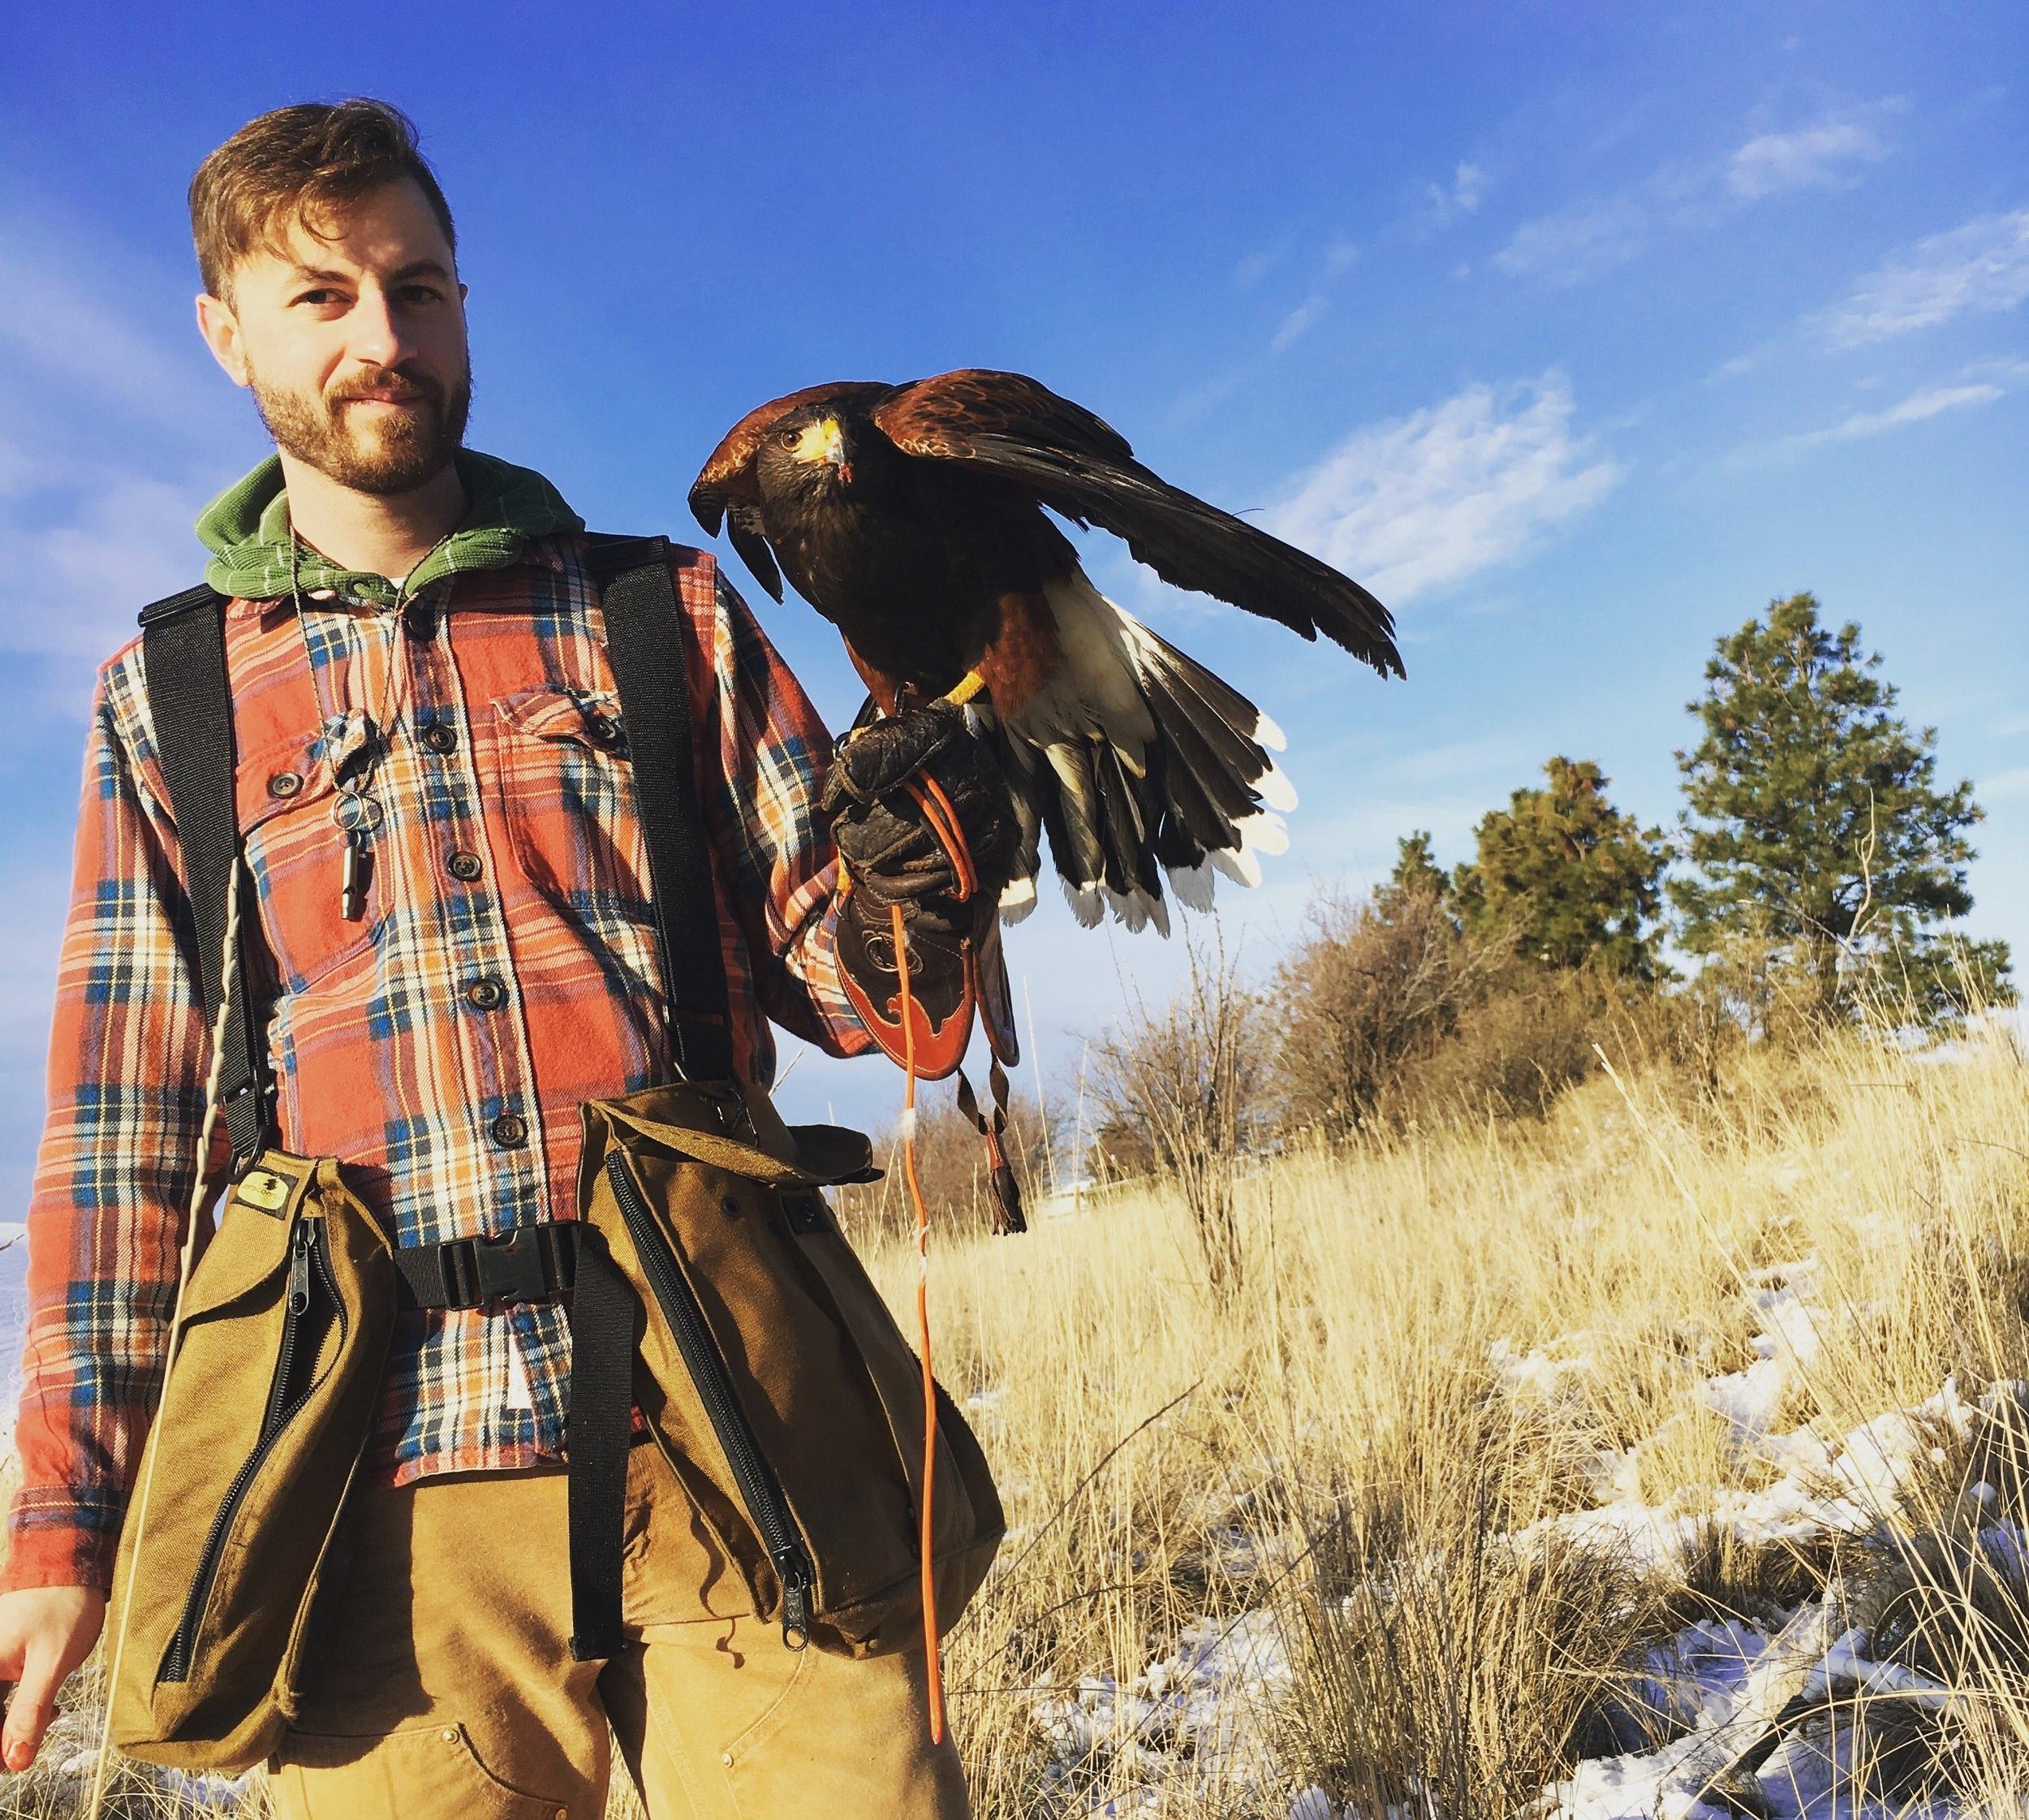 Thaddeus HIcks hunting with his Harris Hawk Ember in Walla Walla, Washington